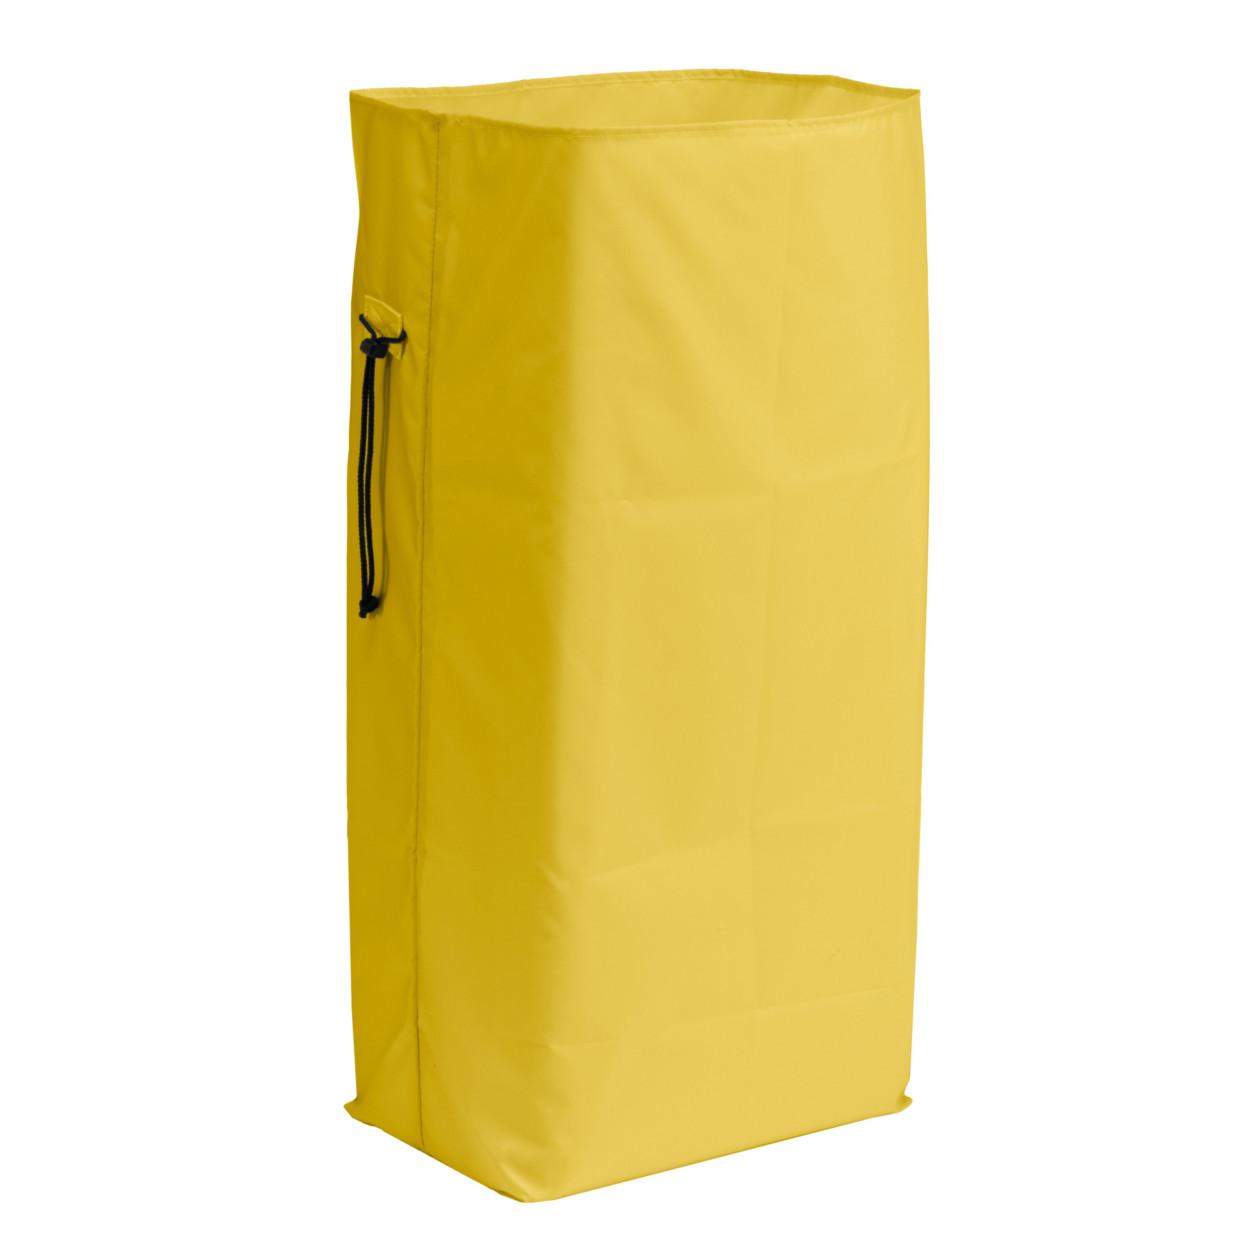 Polyesterový žlutý obal pro odpadkový pytel, 120 l